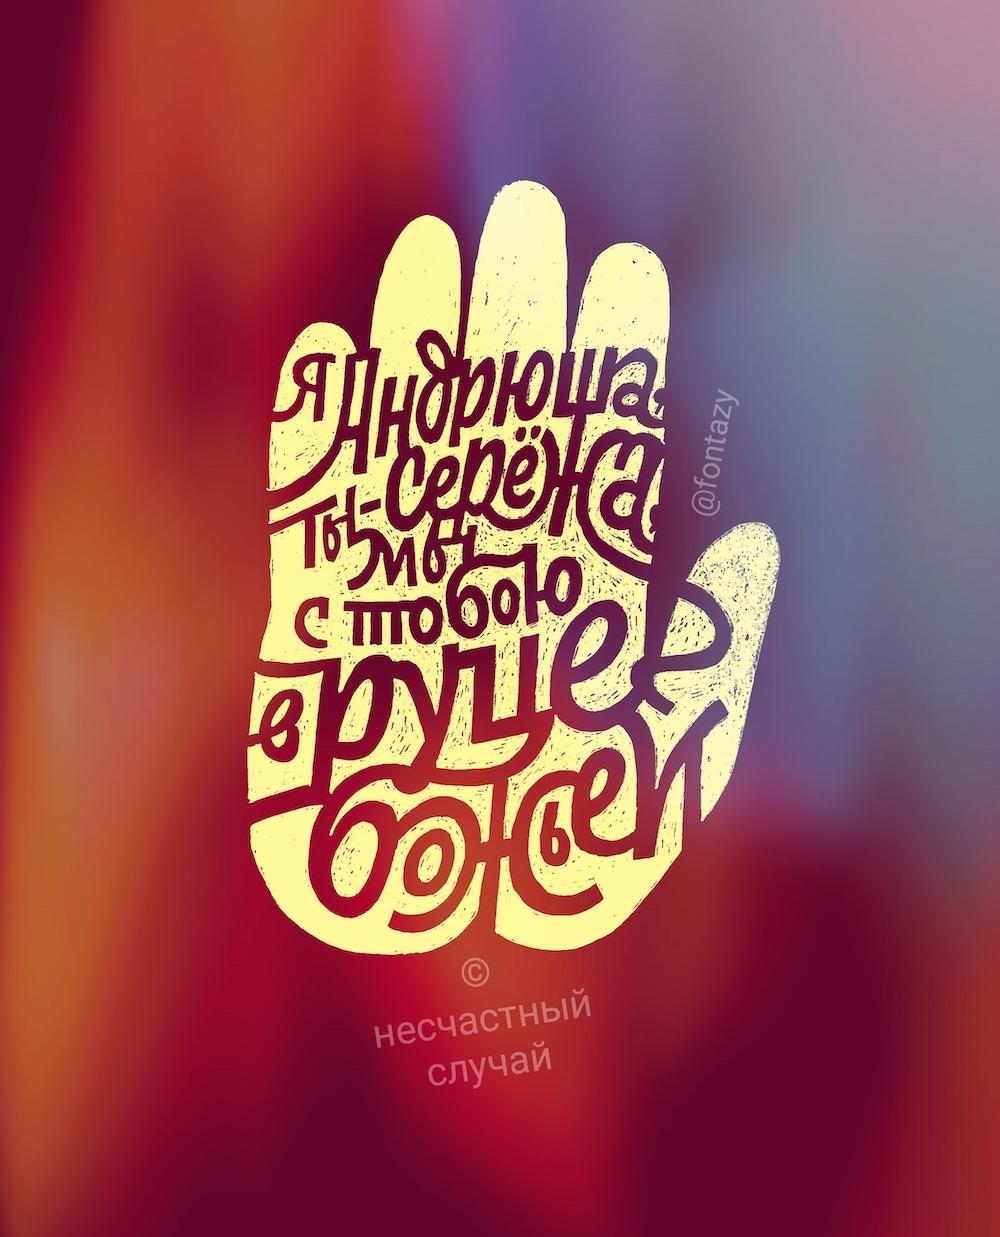 Музцитата: В руце божьей